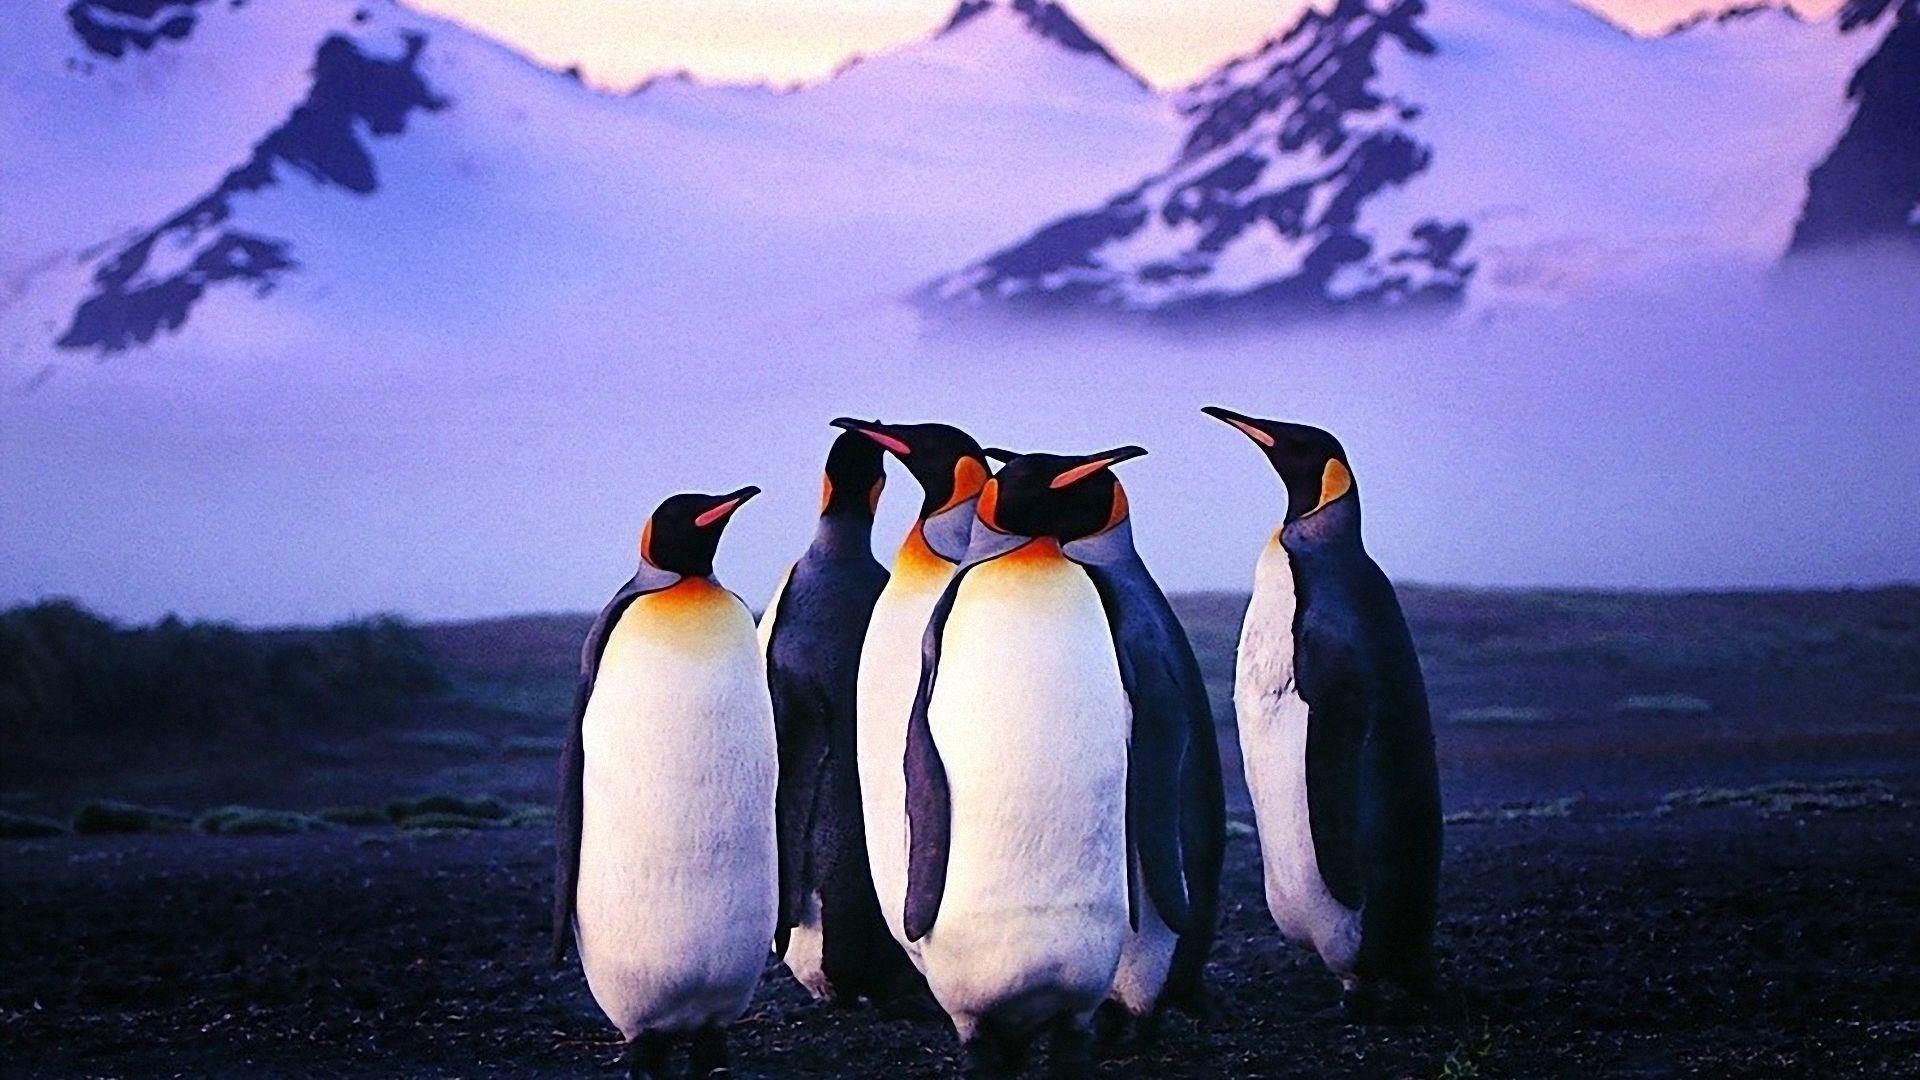 Penguin computer wallpaper